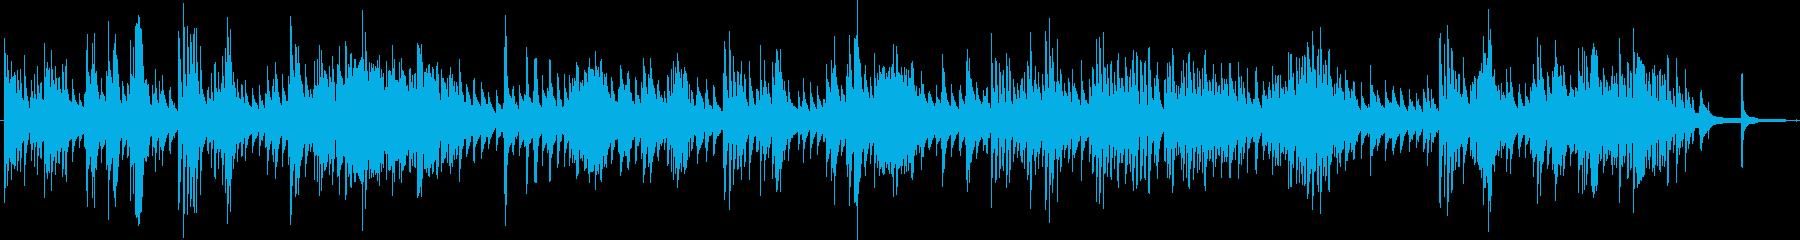 ピアノソロのホラーなBGMの再生済みの波形